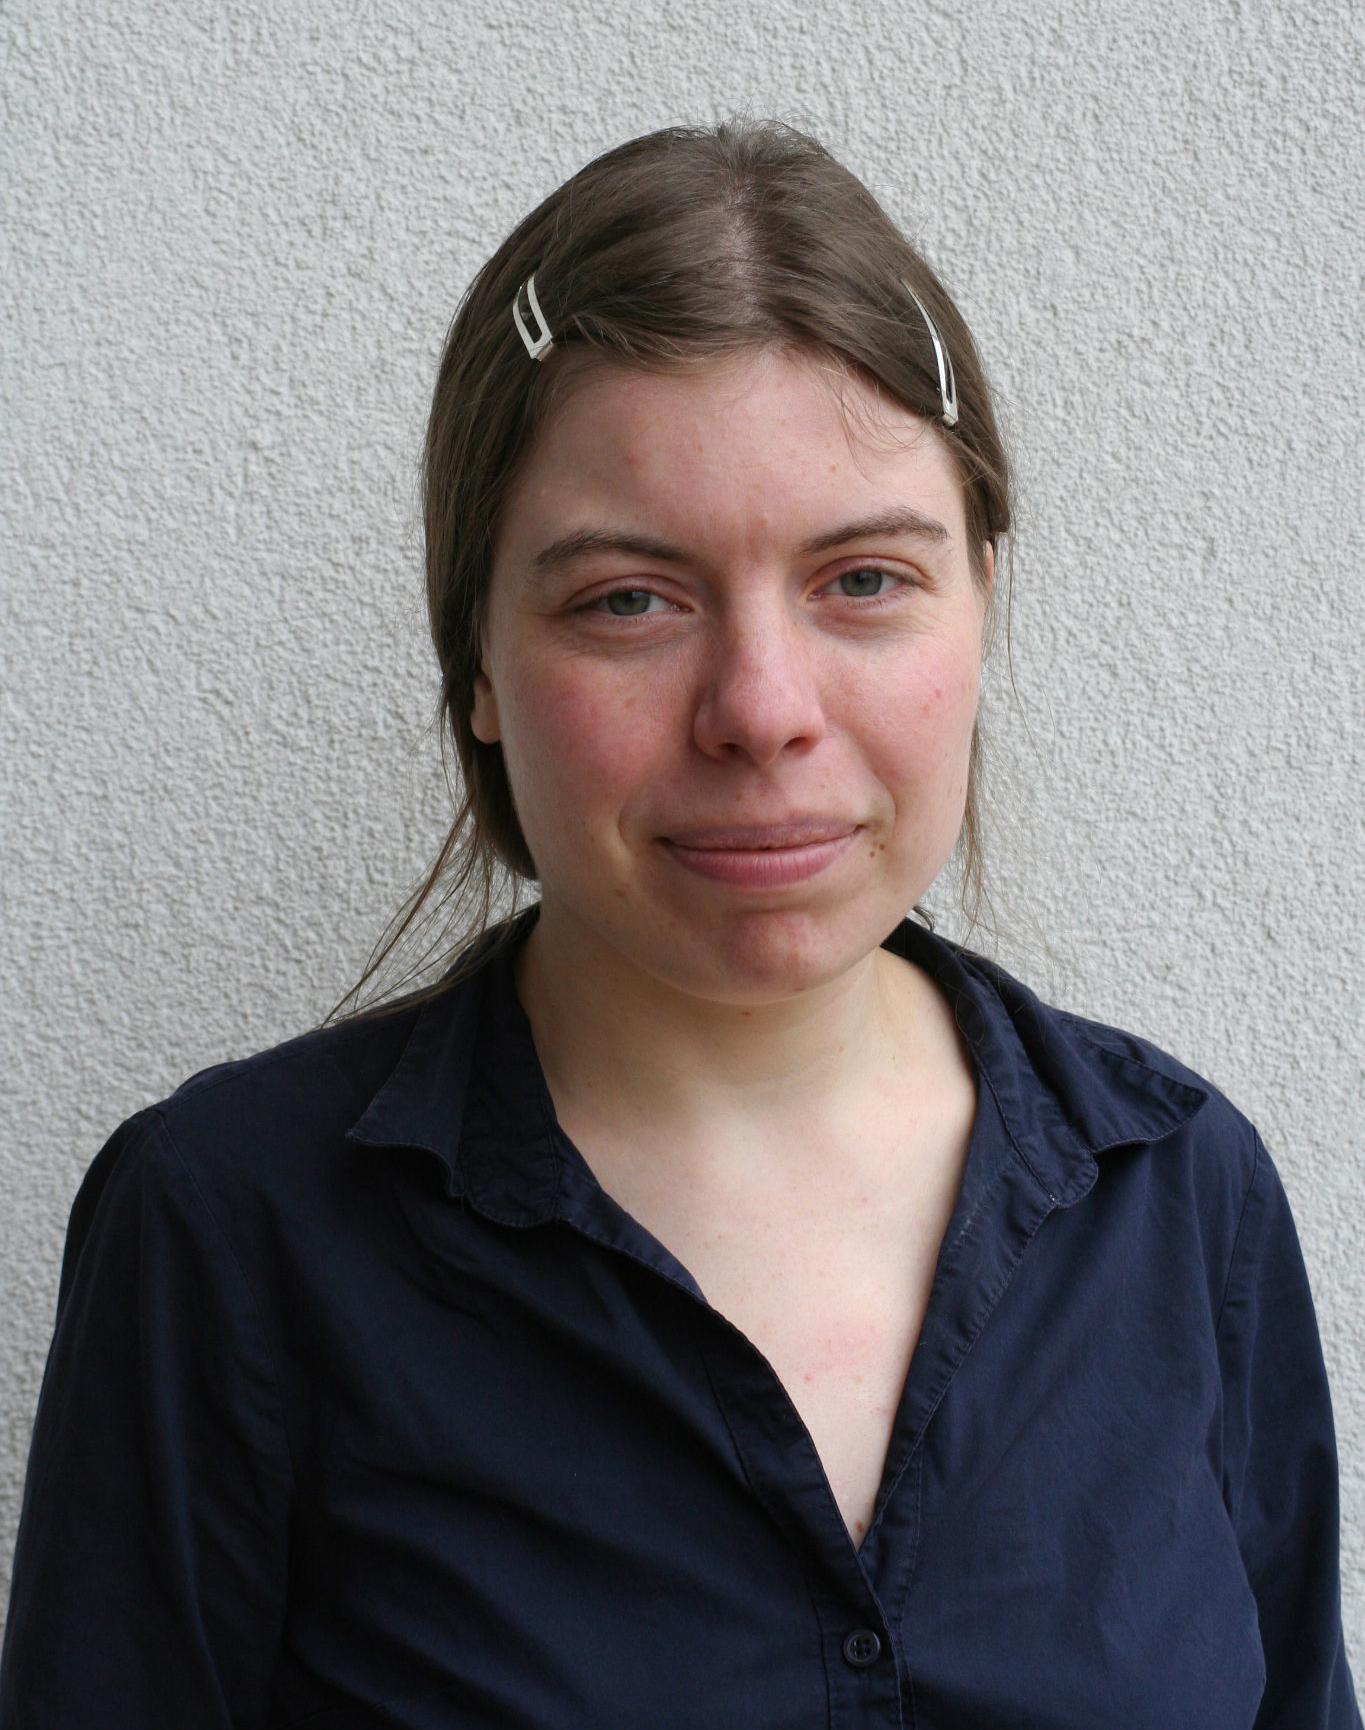 Dr. Katrina Navickas